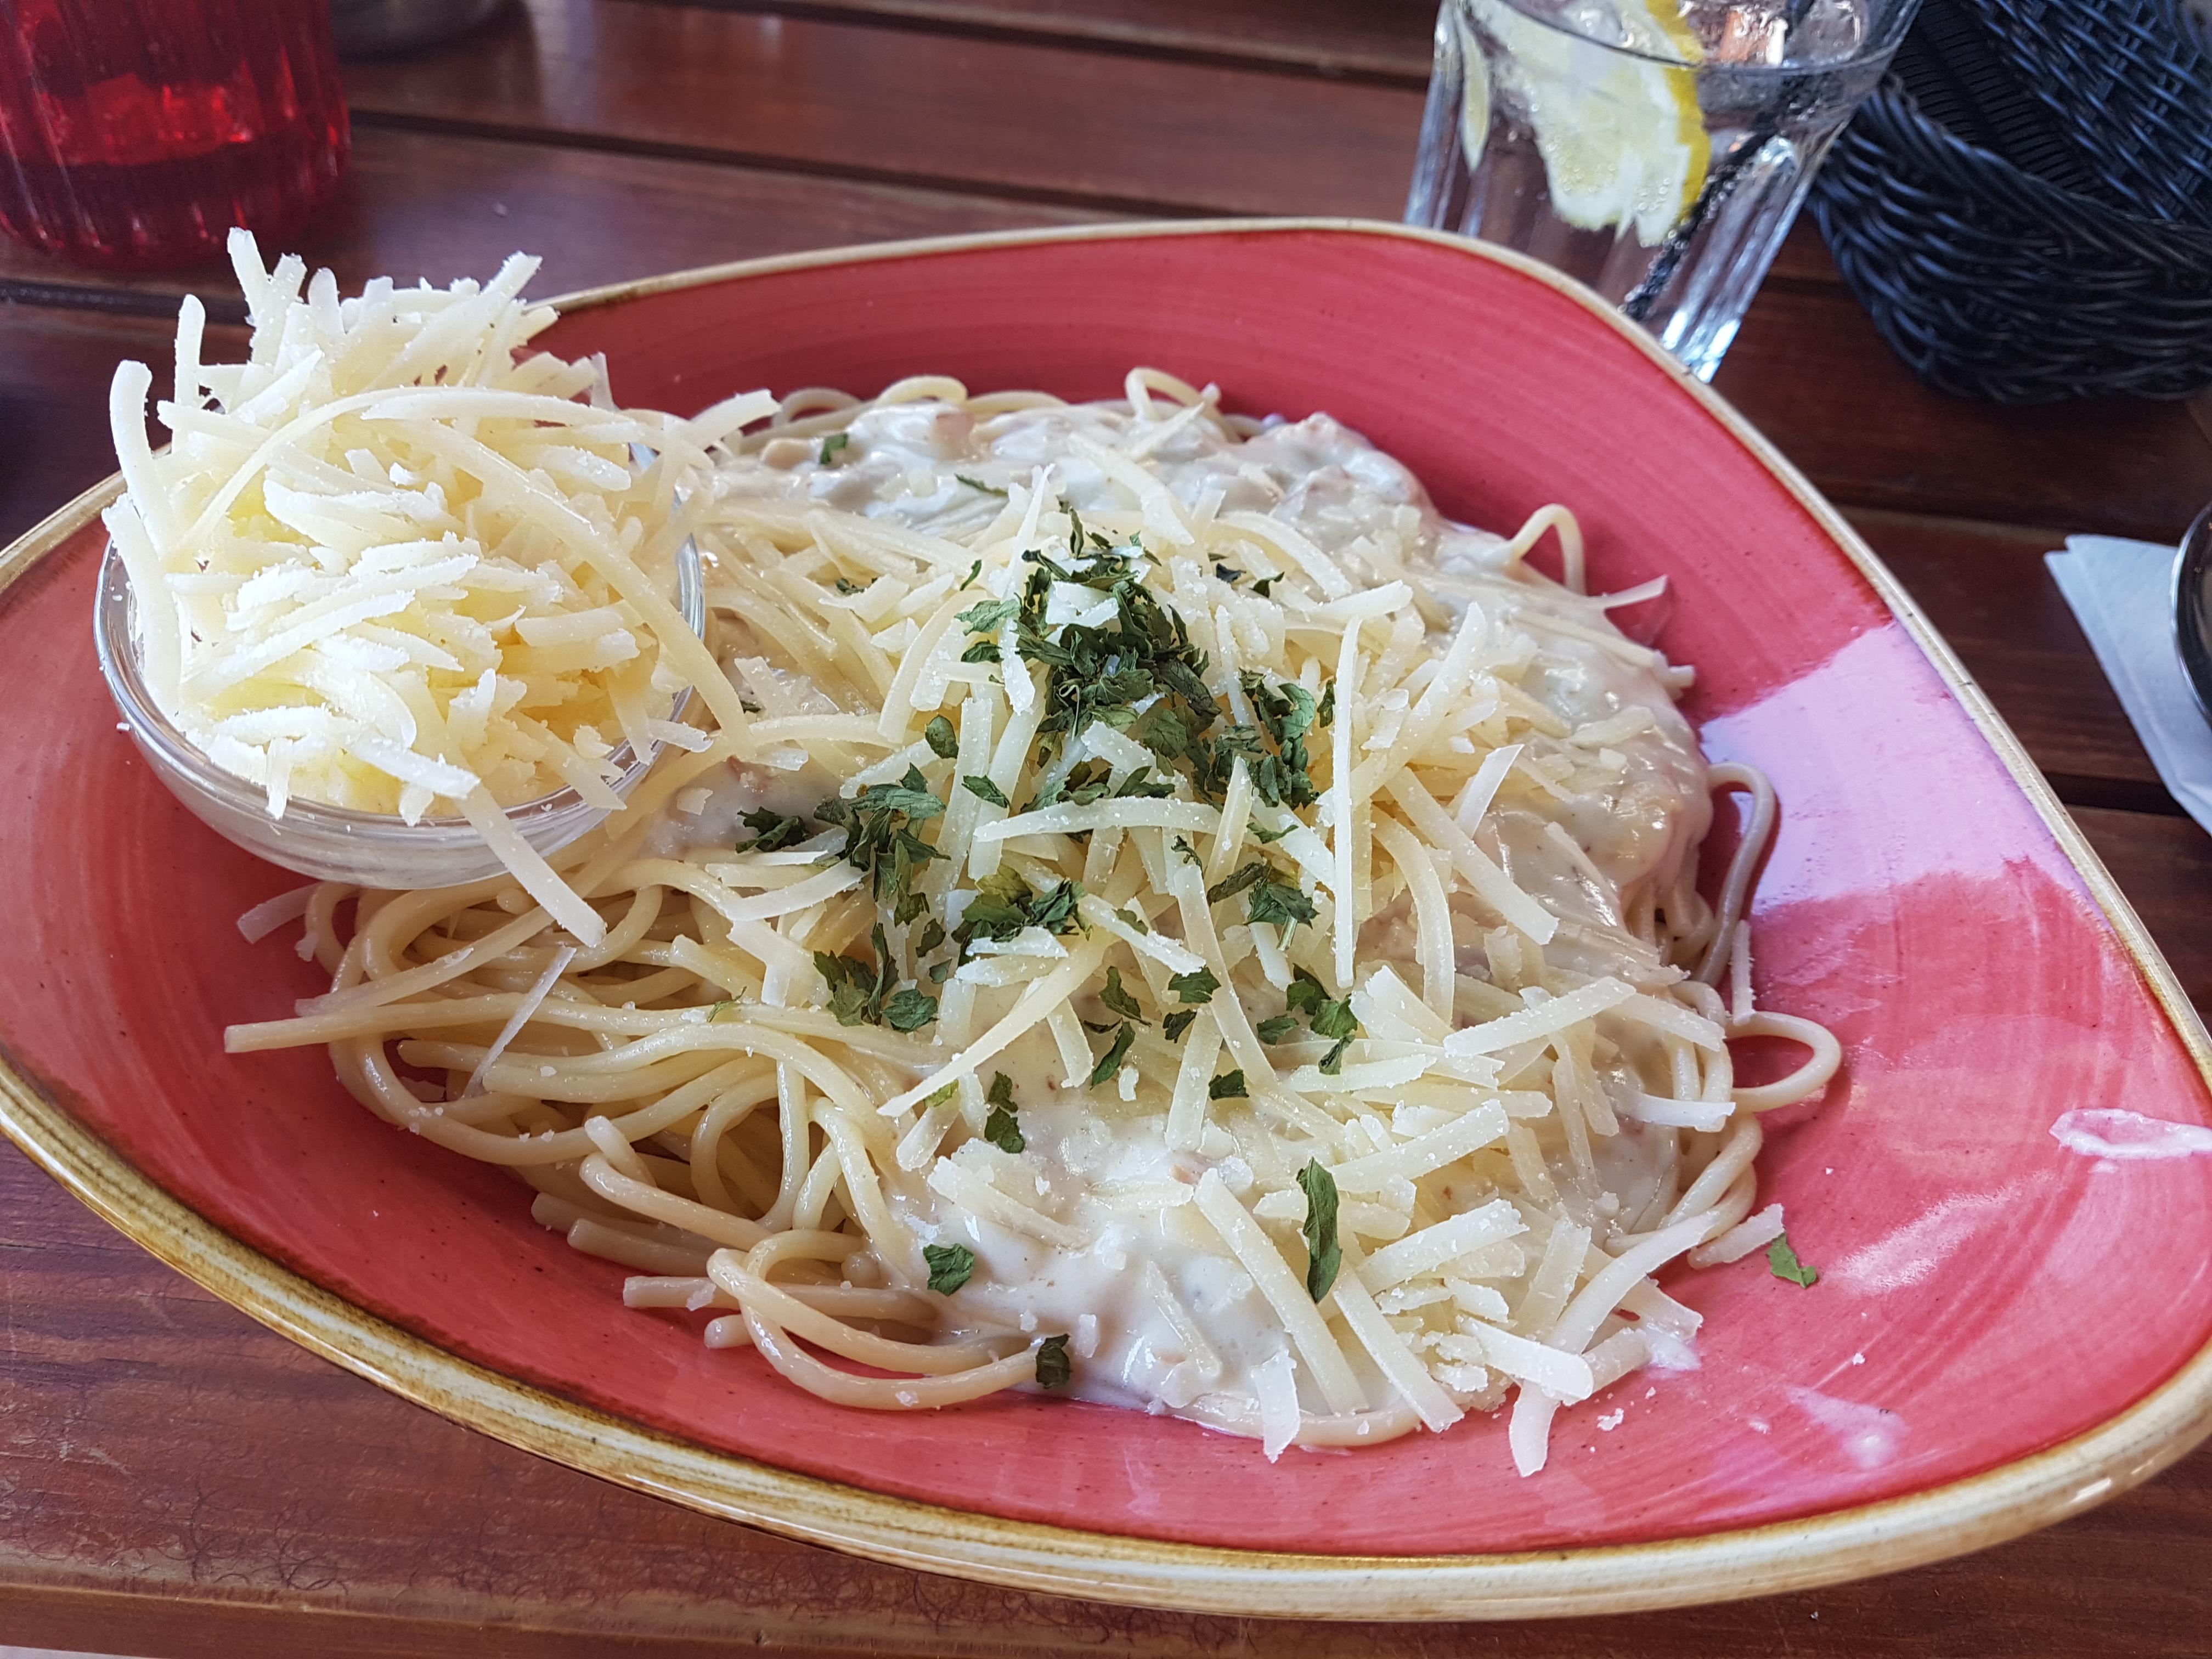 http://foodloader.net/Holz_2018-08-16_Spaghetti_Carbonara.jpg